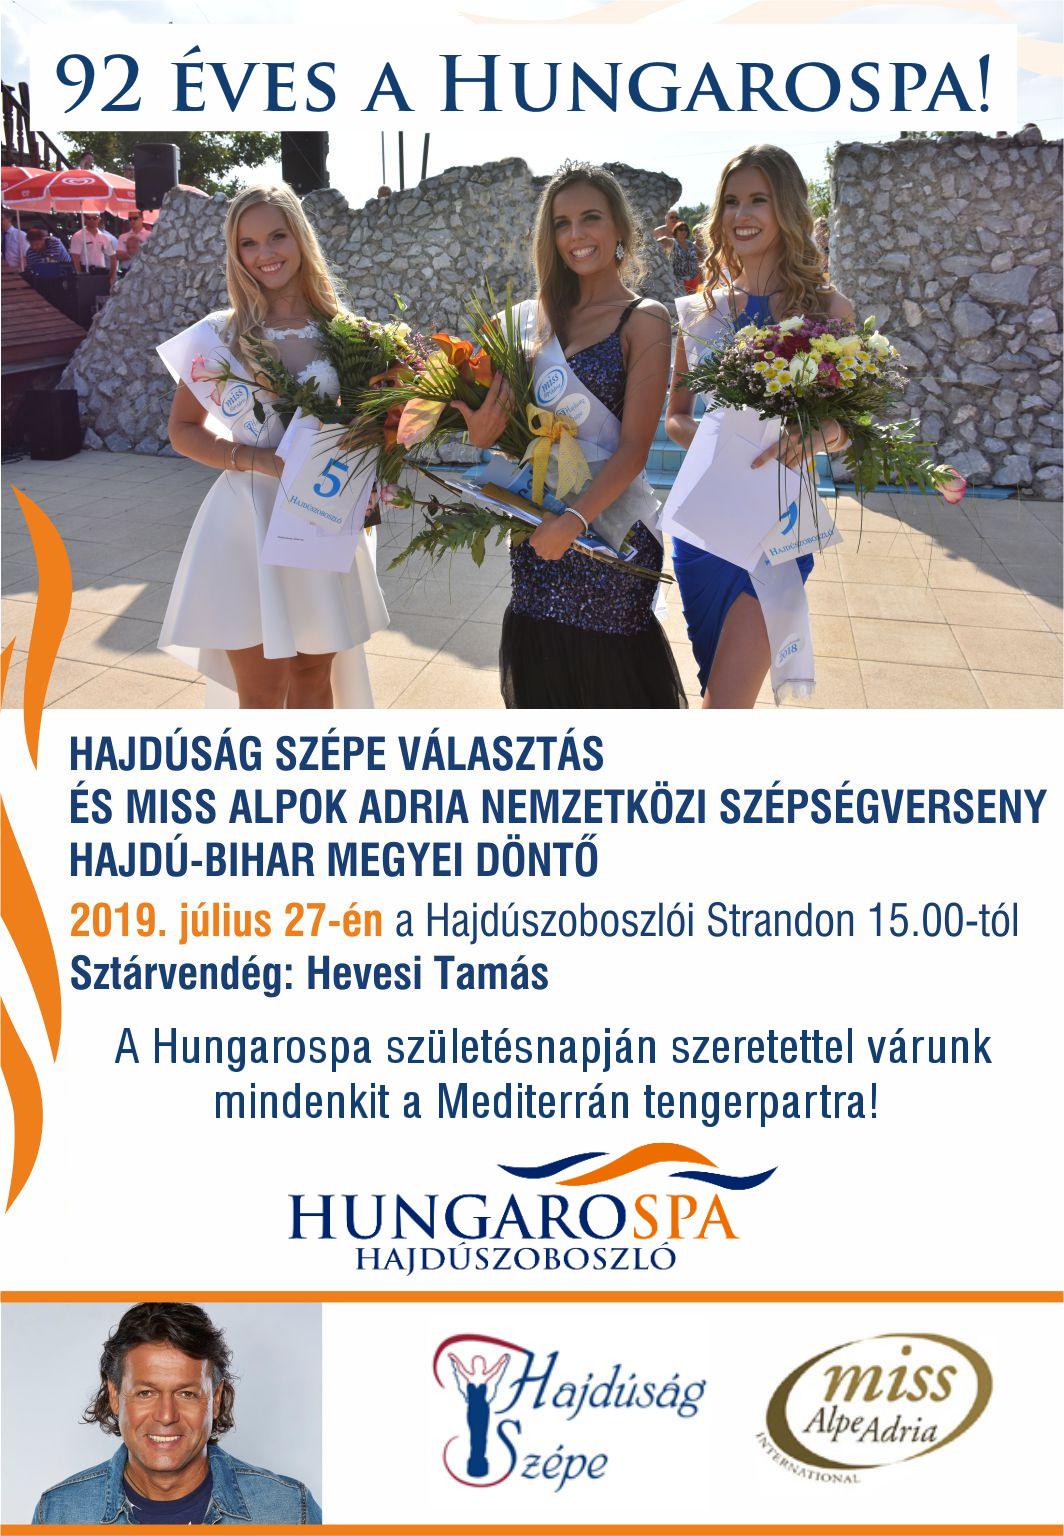 Hajdúság Szépe plakát 2019